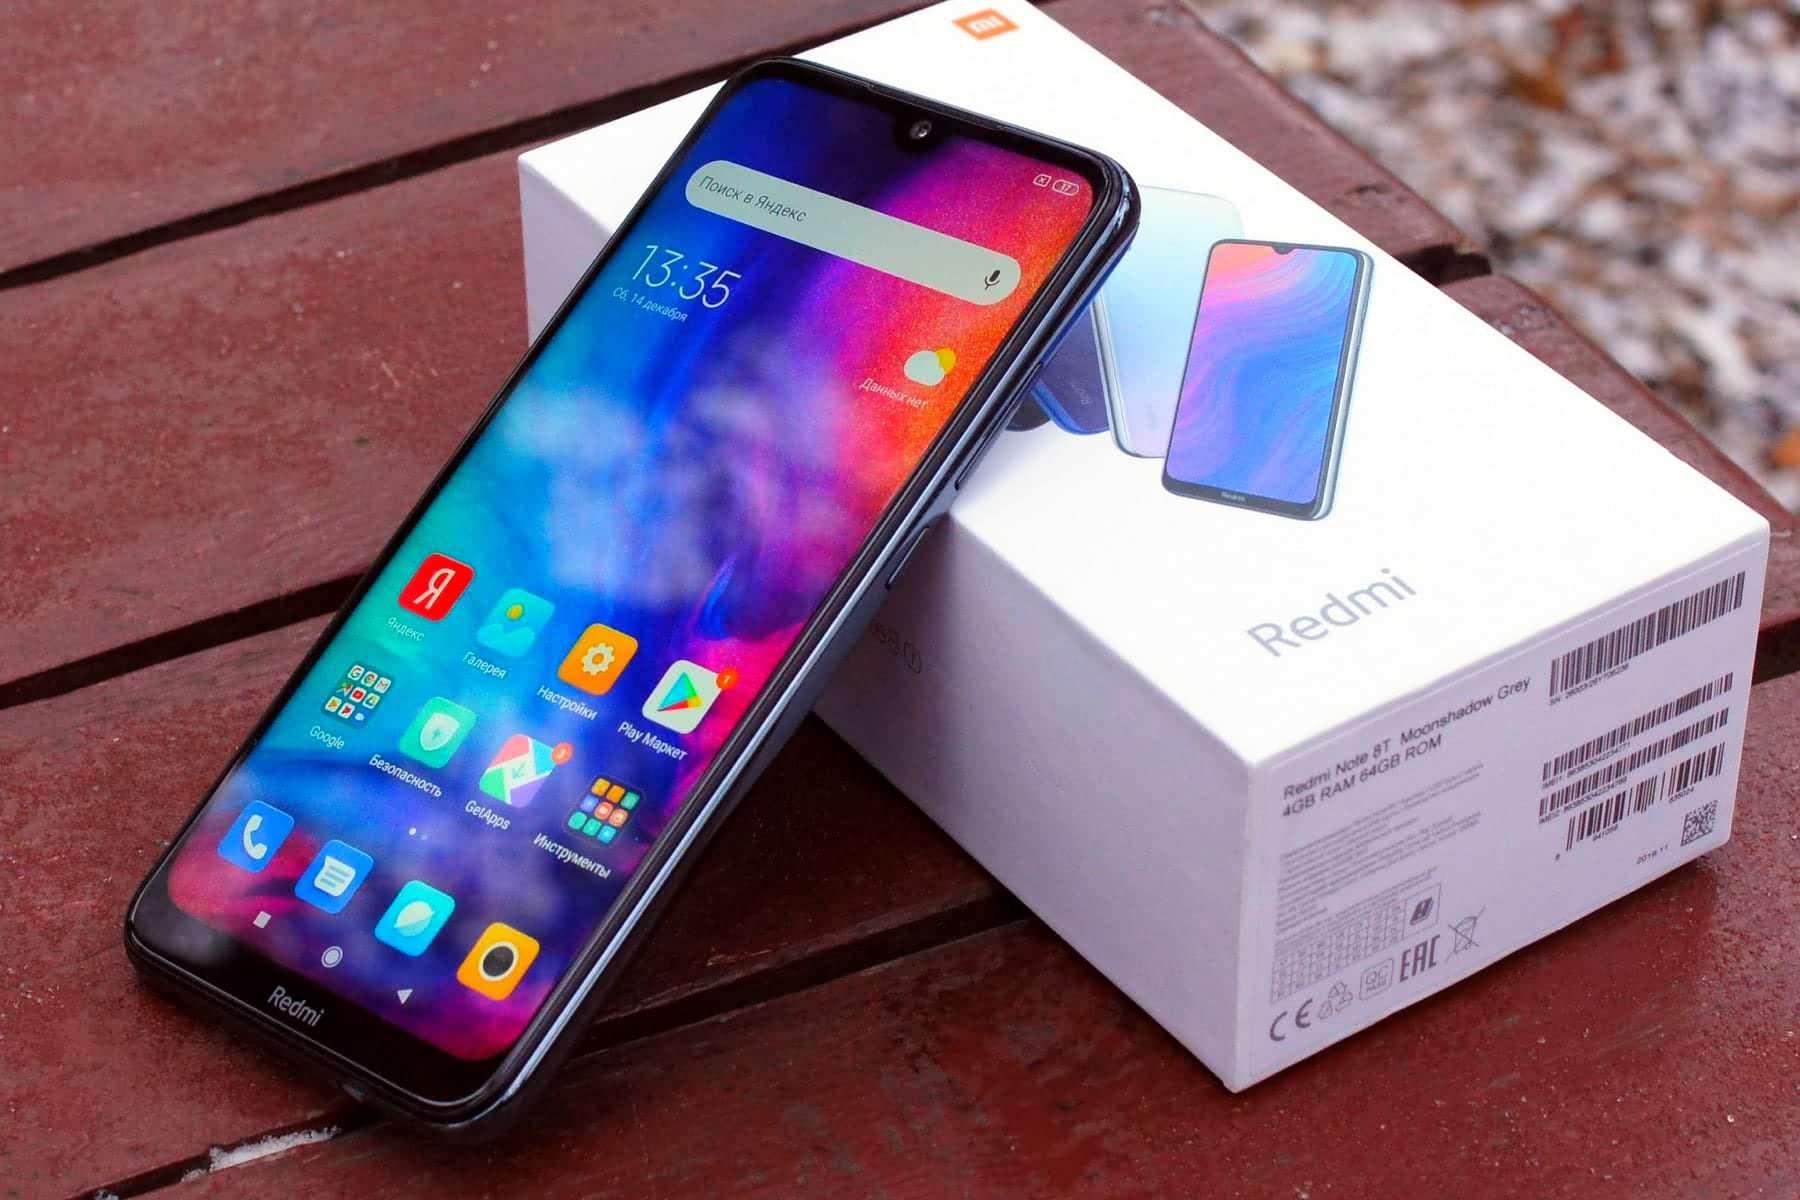 ТОП-3 смартфонов Xiaomi стоимостью до 7000 гривень